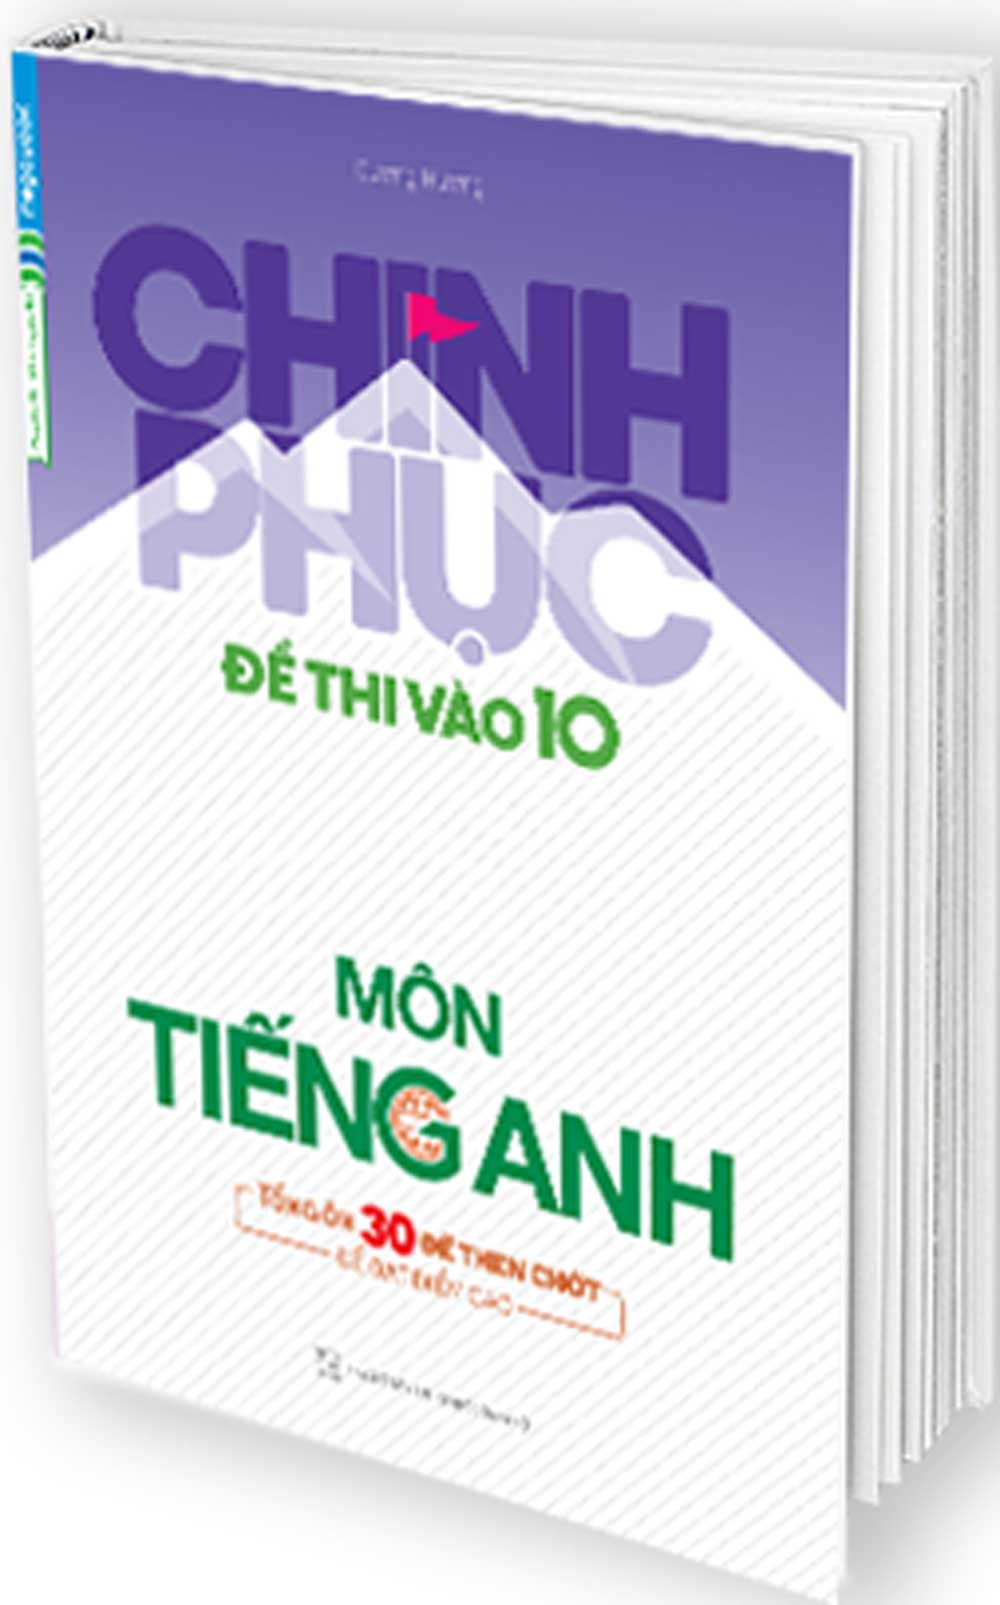 Sách Chinh Phục Đề Thi Vào 10 Môn Tiếng Anh (Tổng Hợp 30 Đề Then Chốt Để Đạt Điểm Cao)